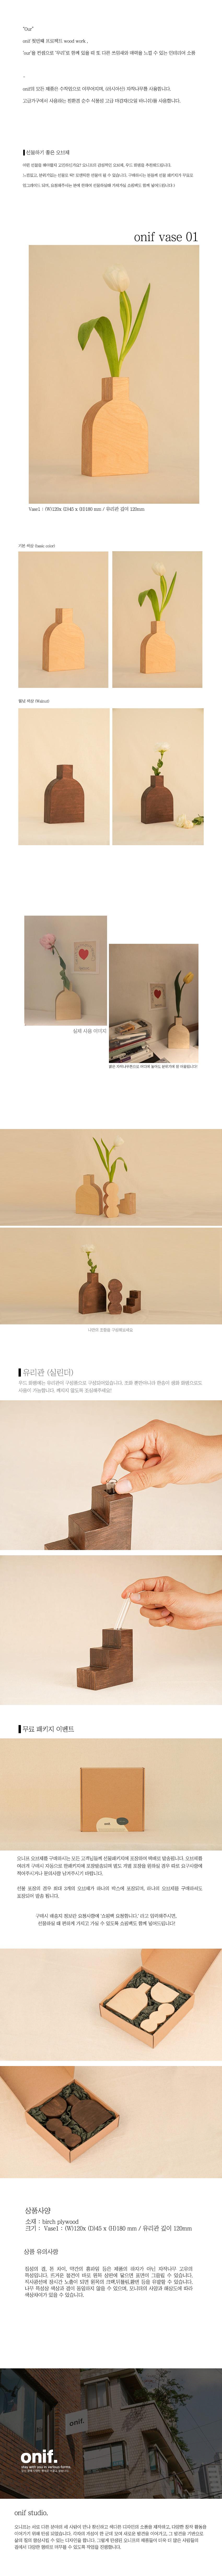 오니프 우드 화병 꽃병 onif vase01 - 오니프, 28,000원, 화병/수반, 기타화병